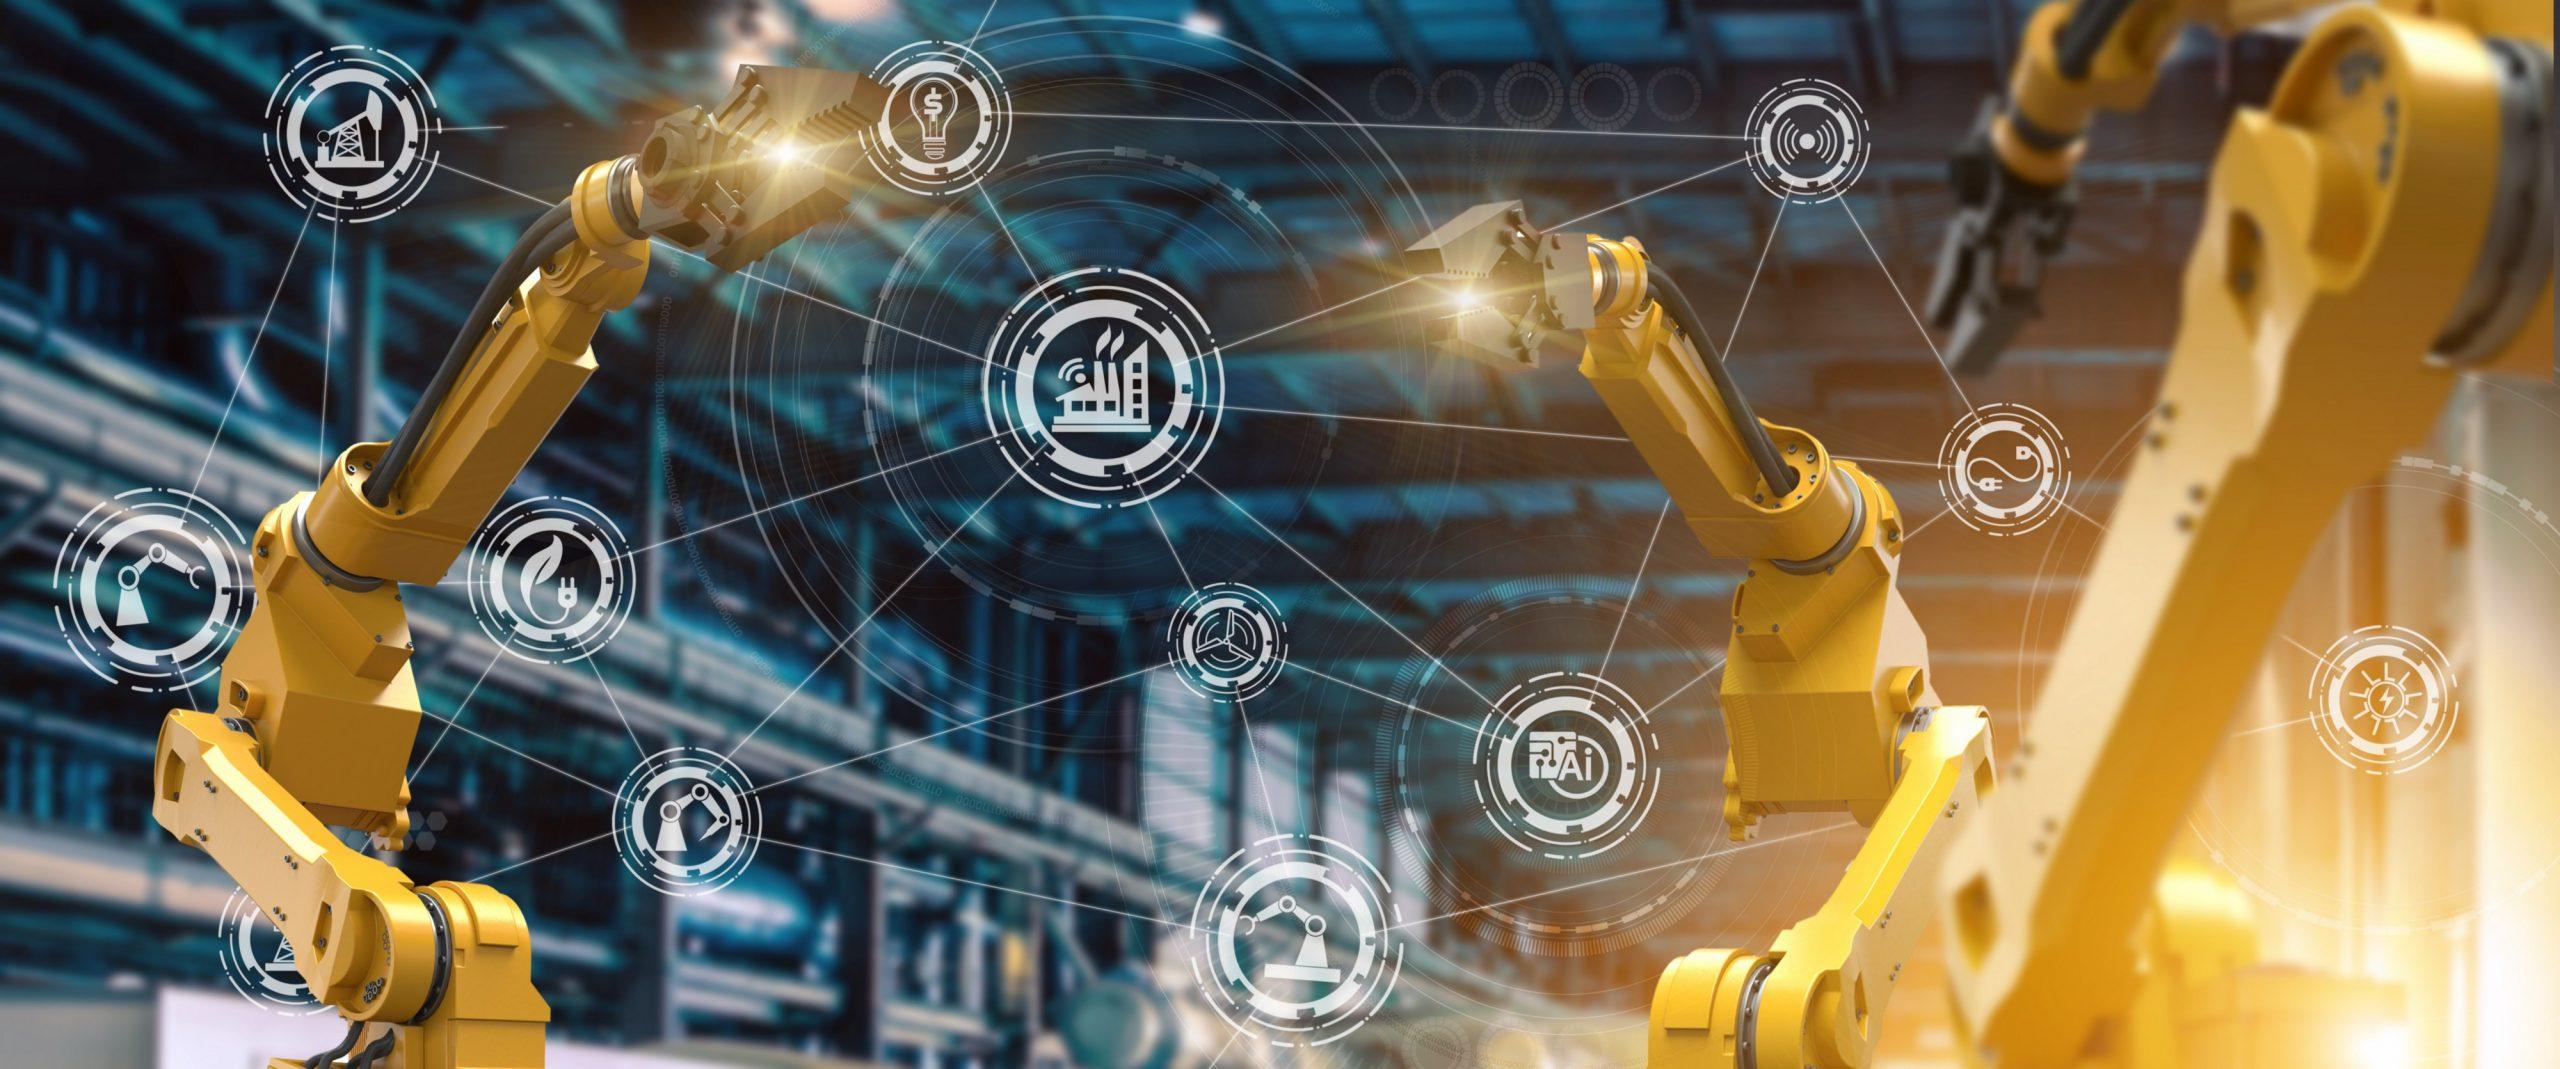 Quinta revolução industrial: o que esperar dessa nova fase?